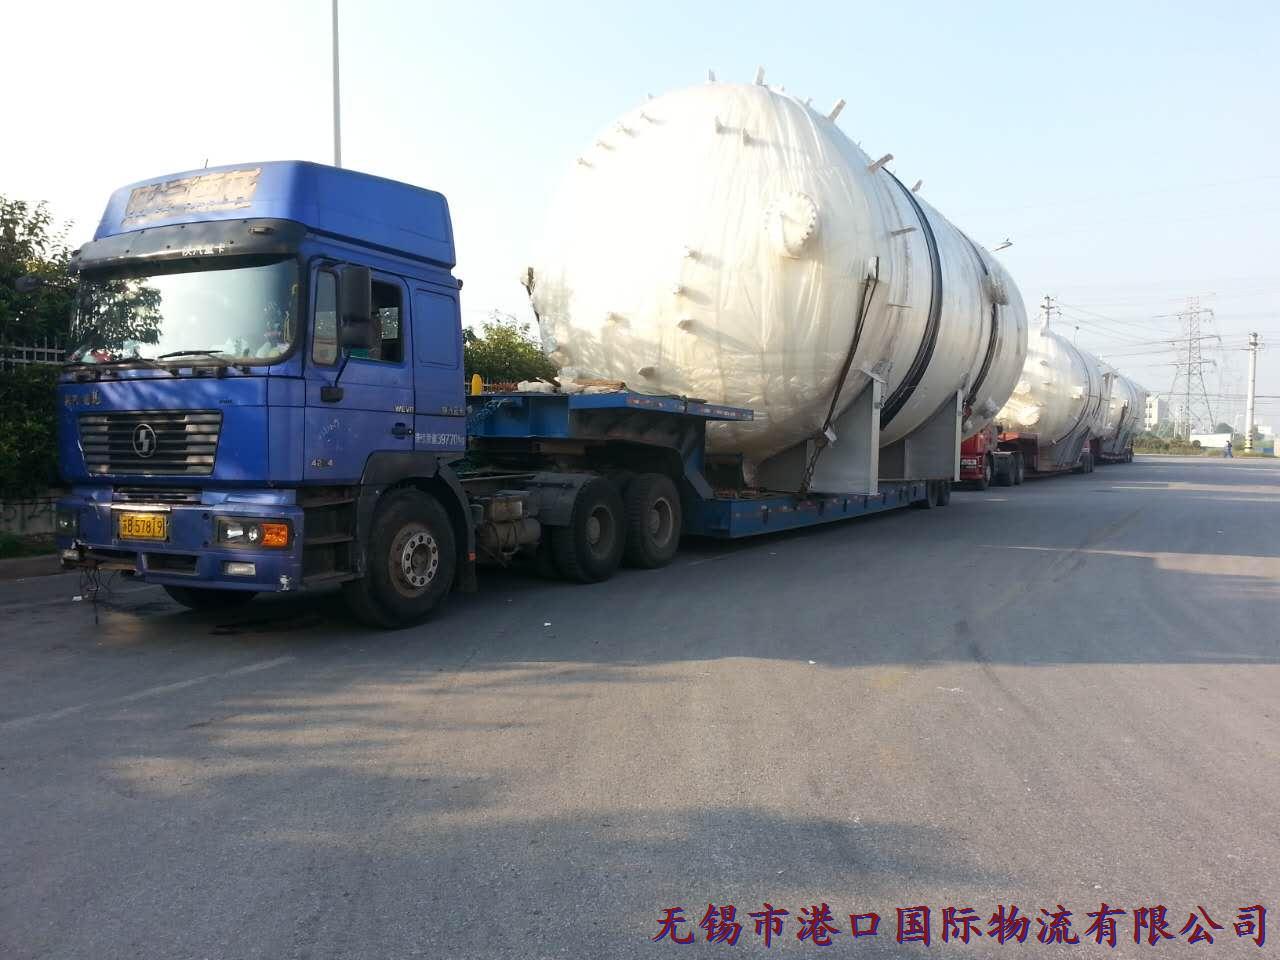 超长,超宽,超高,超重设备运输